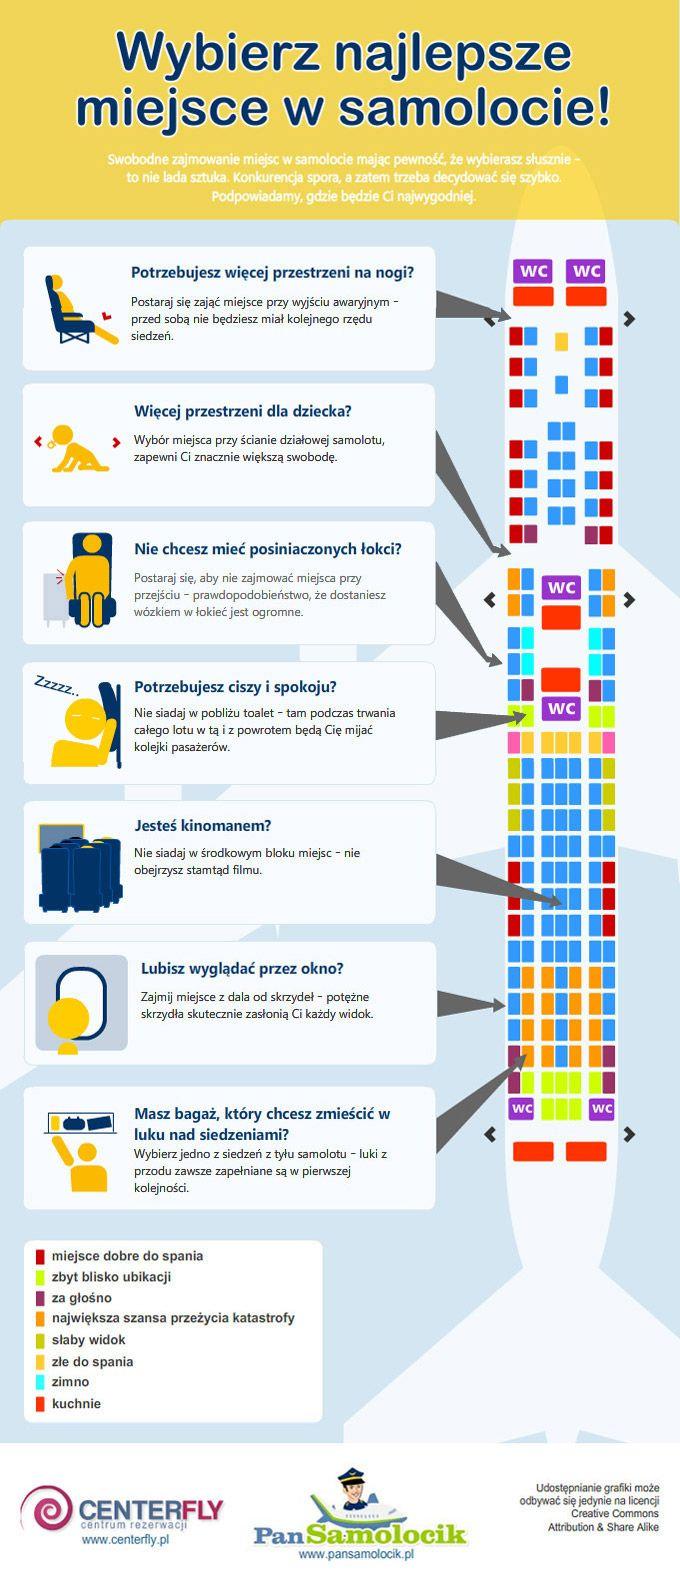 Najlepsze miejsca w samolocie – infografika  http://www.nlogo.pl/portfolio/najlepsze-miejsca-w-samolocie-infografika-projektowanie-infografik  #infografiki